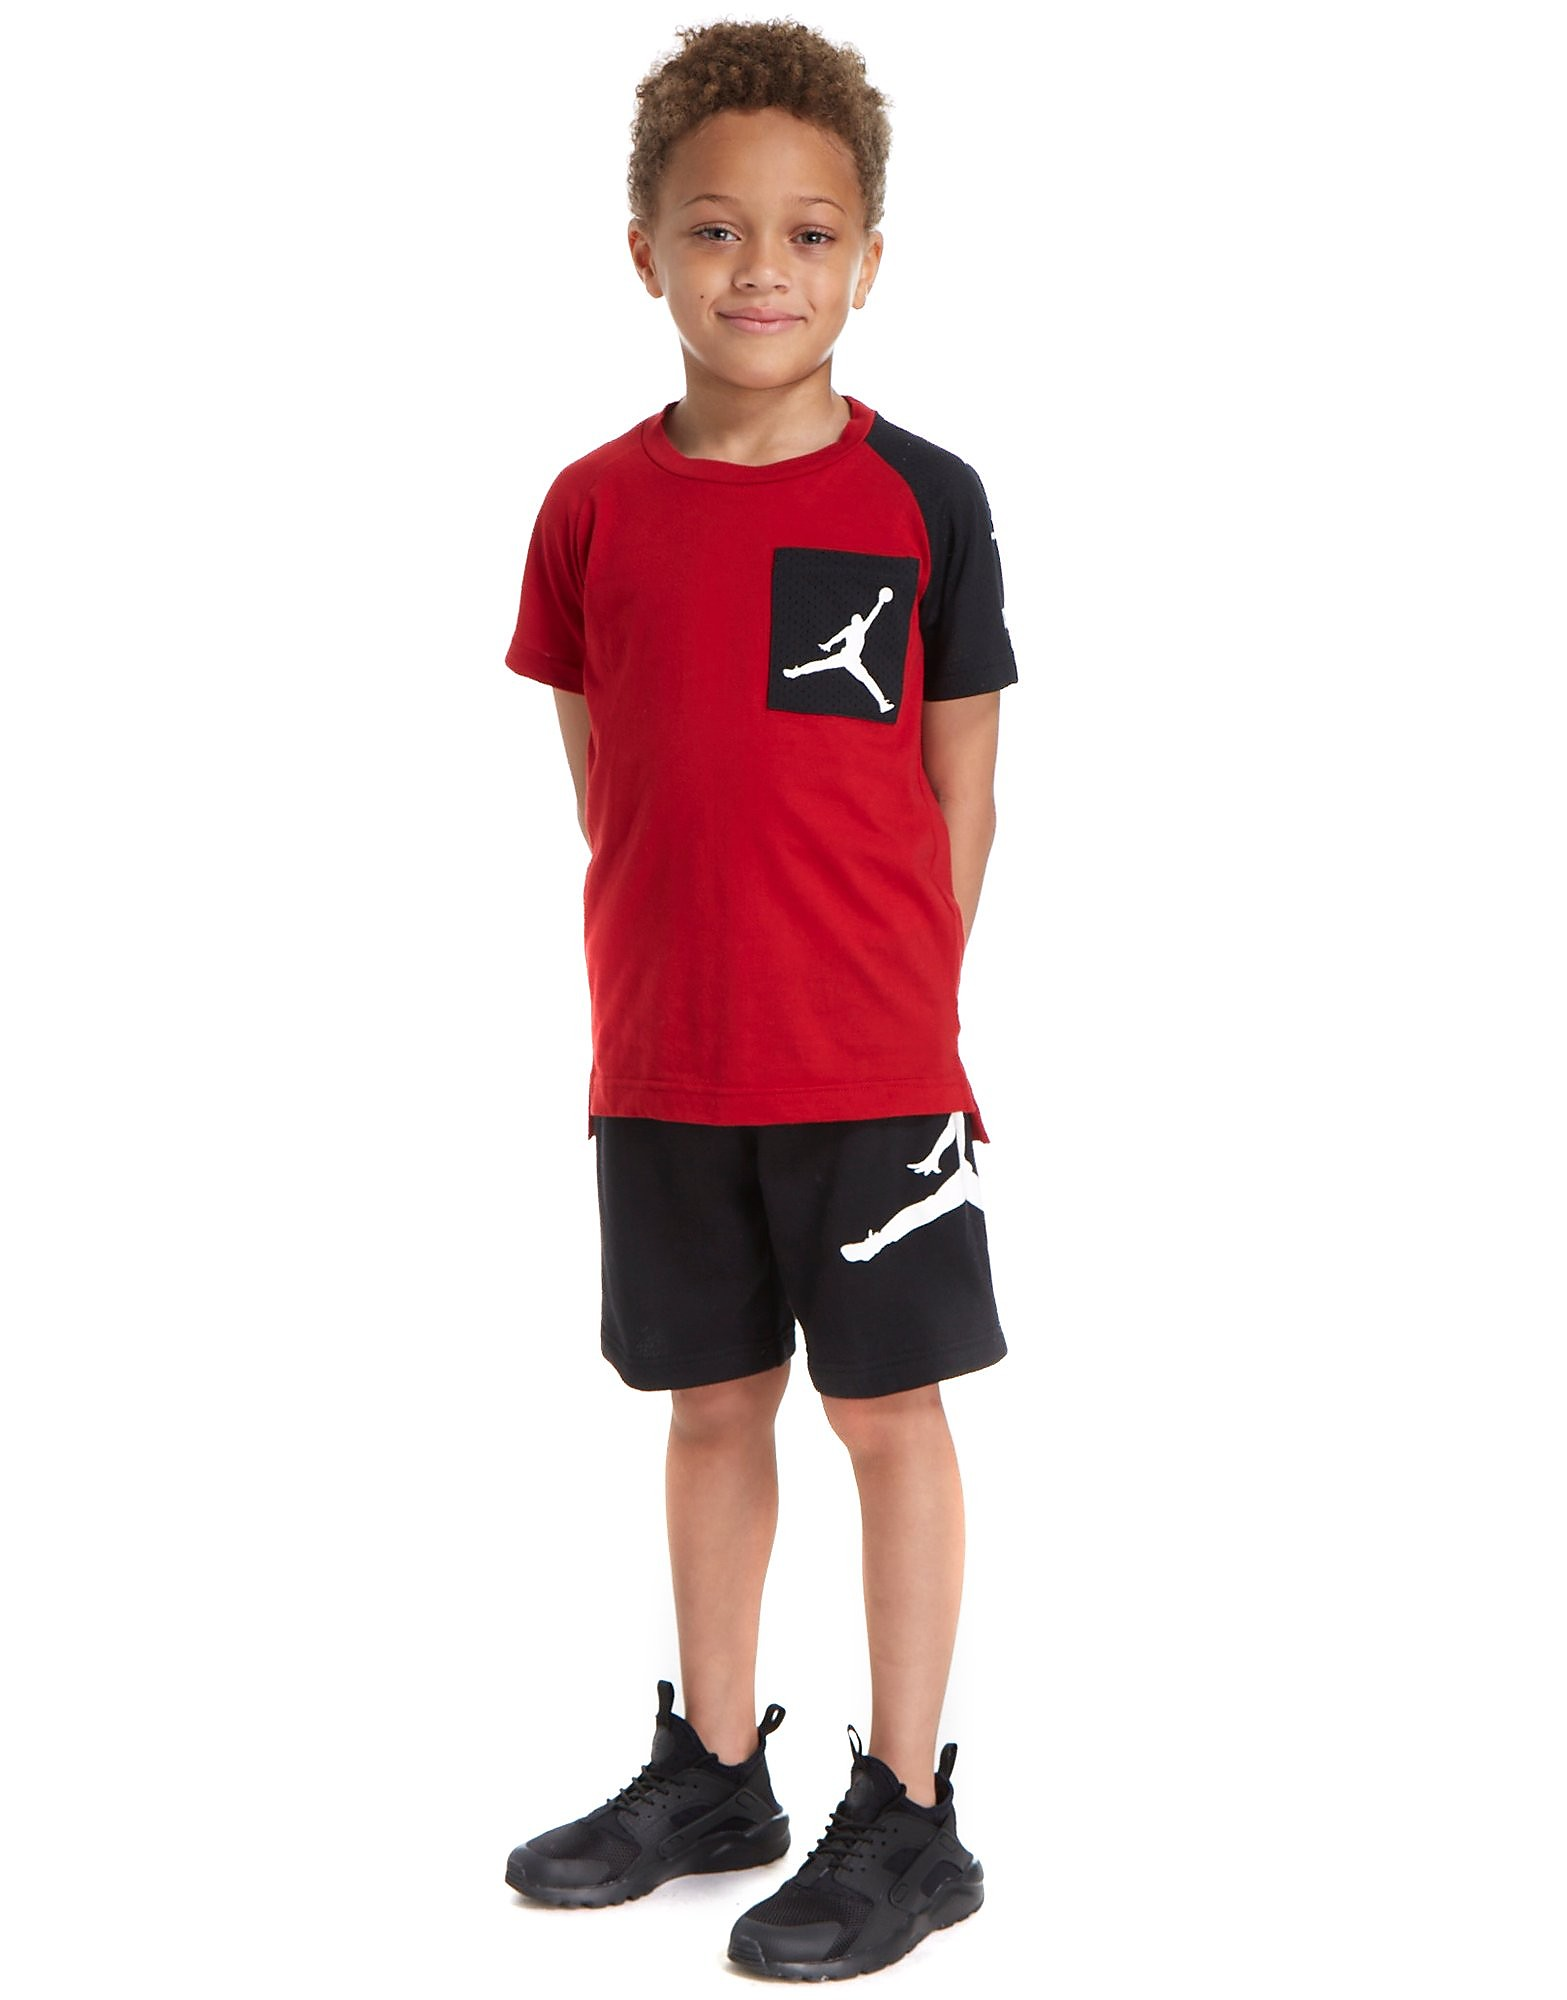 Jordan Air T-Shirt and Short Set Children